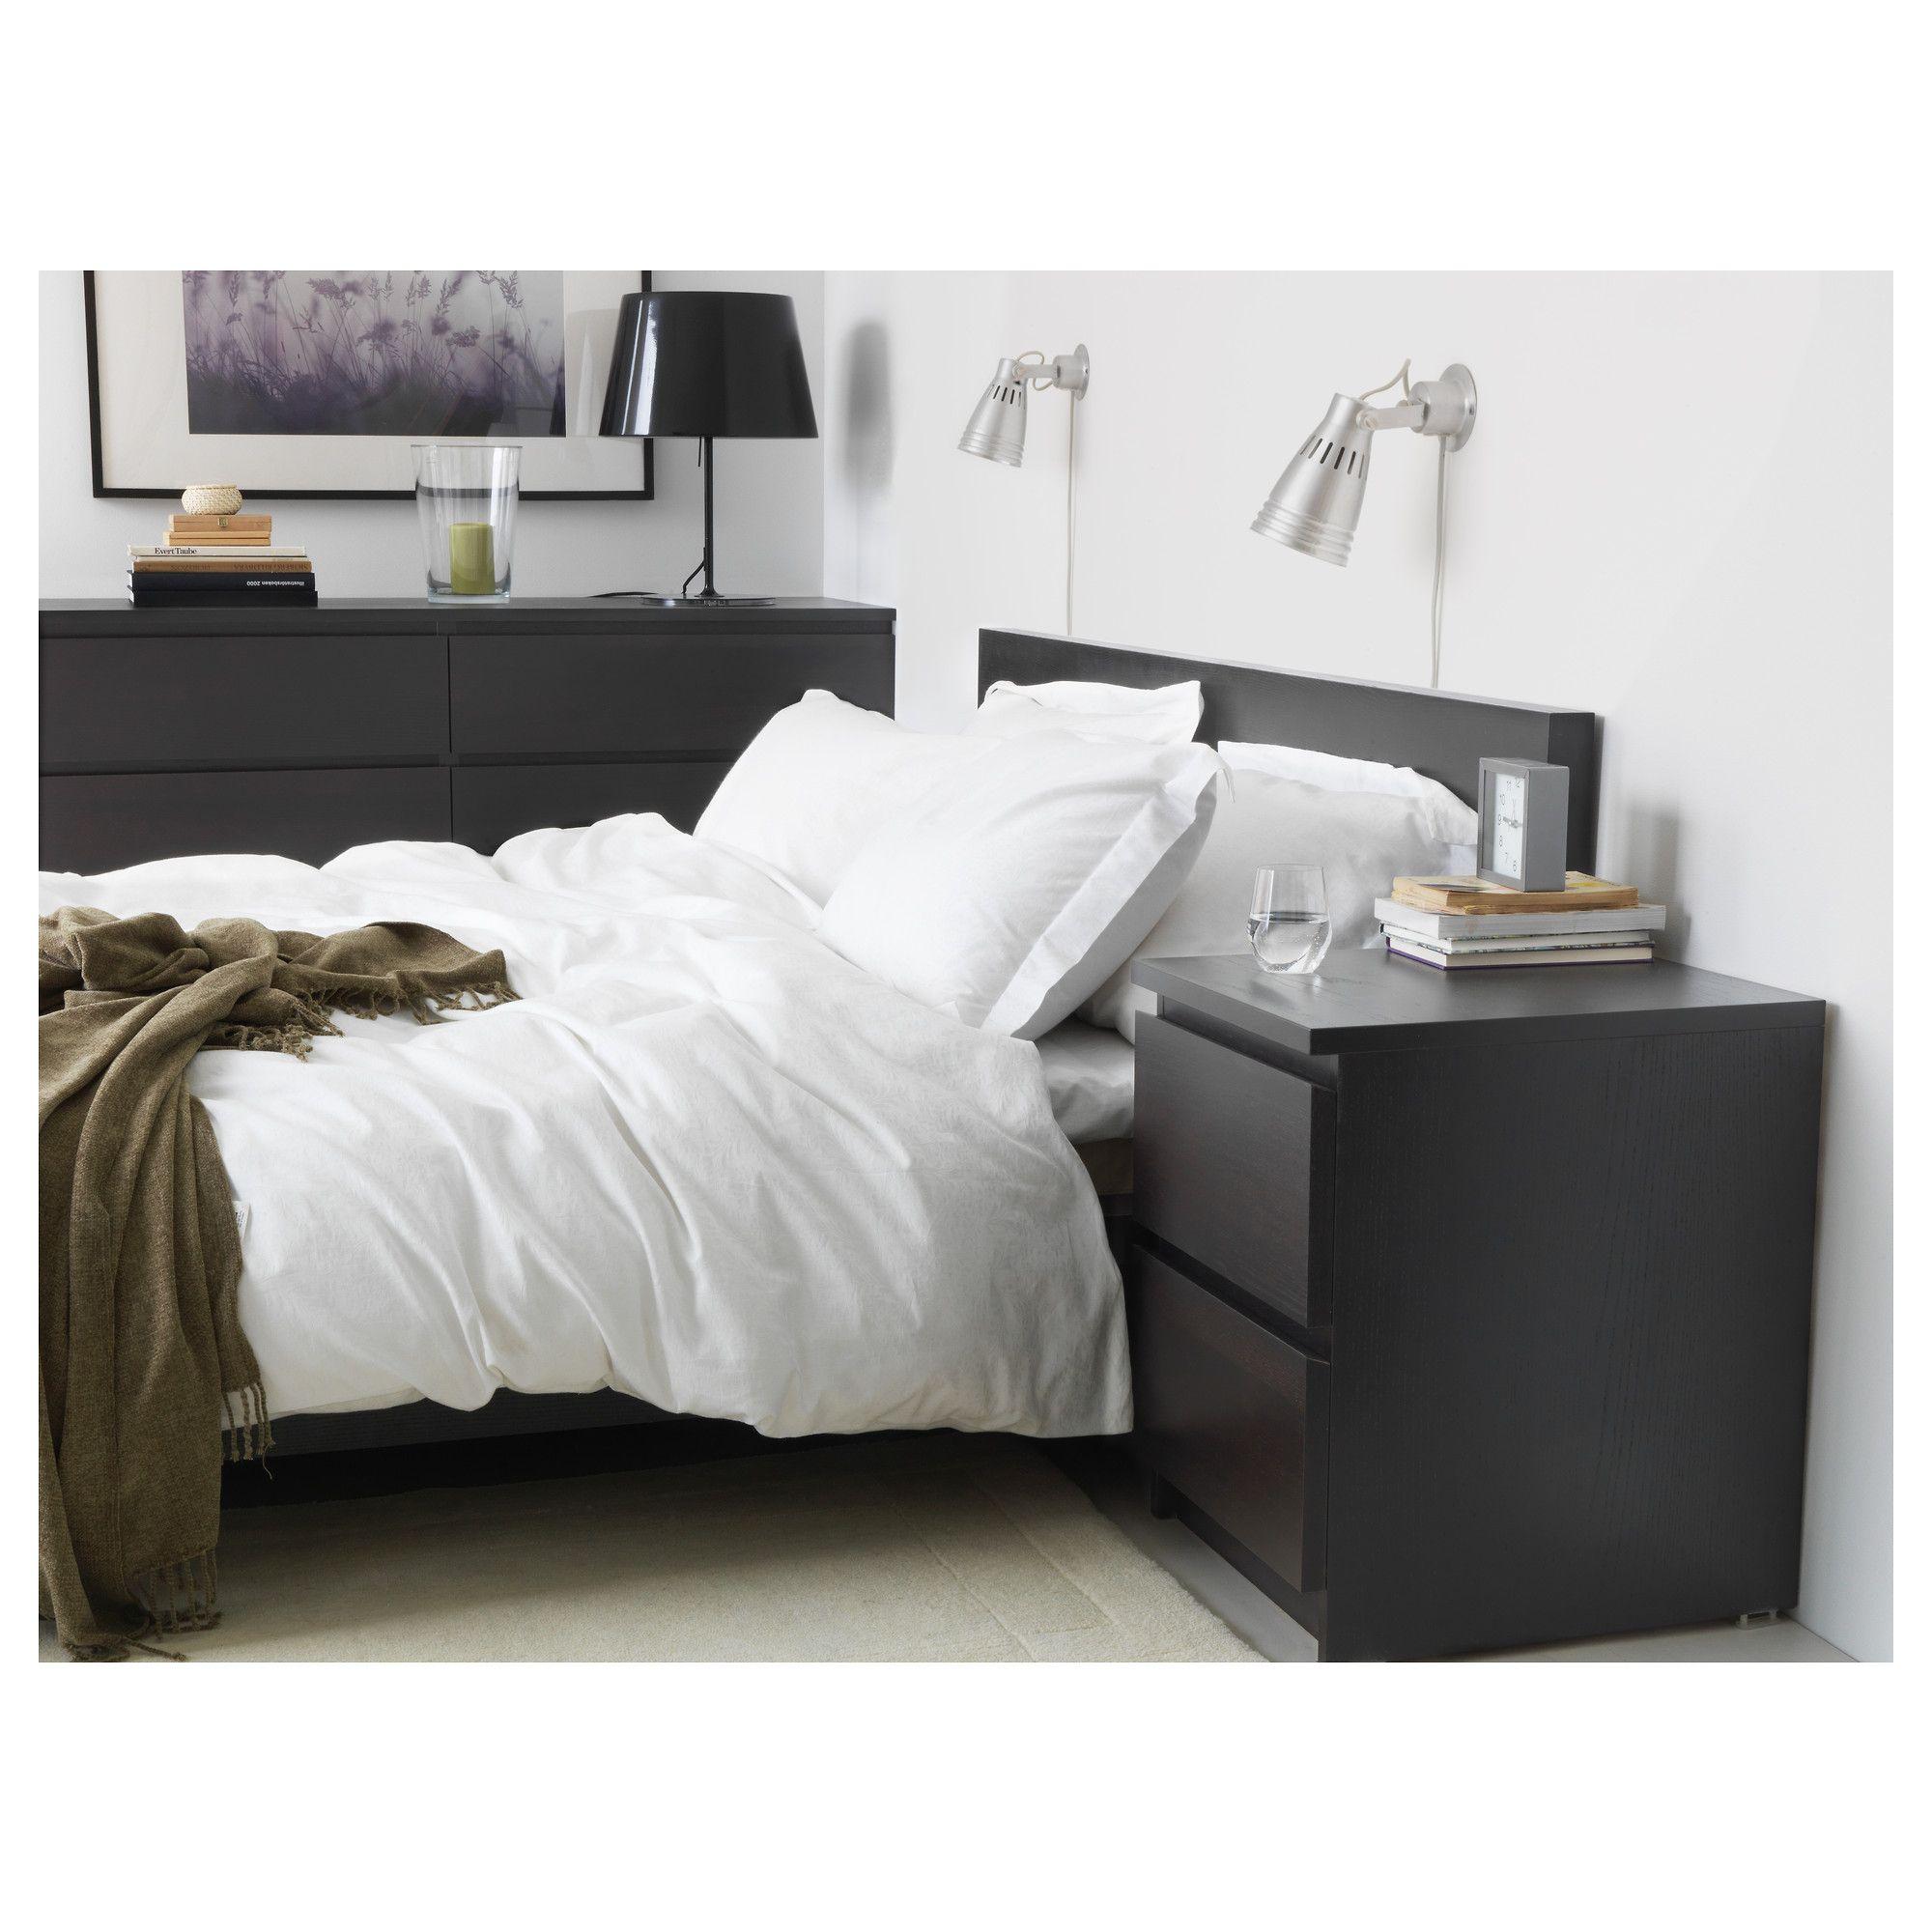 Malm Bed Frame High Black Brown Lonset Bedroom Pinterest